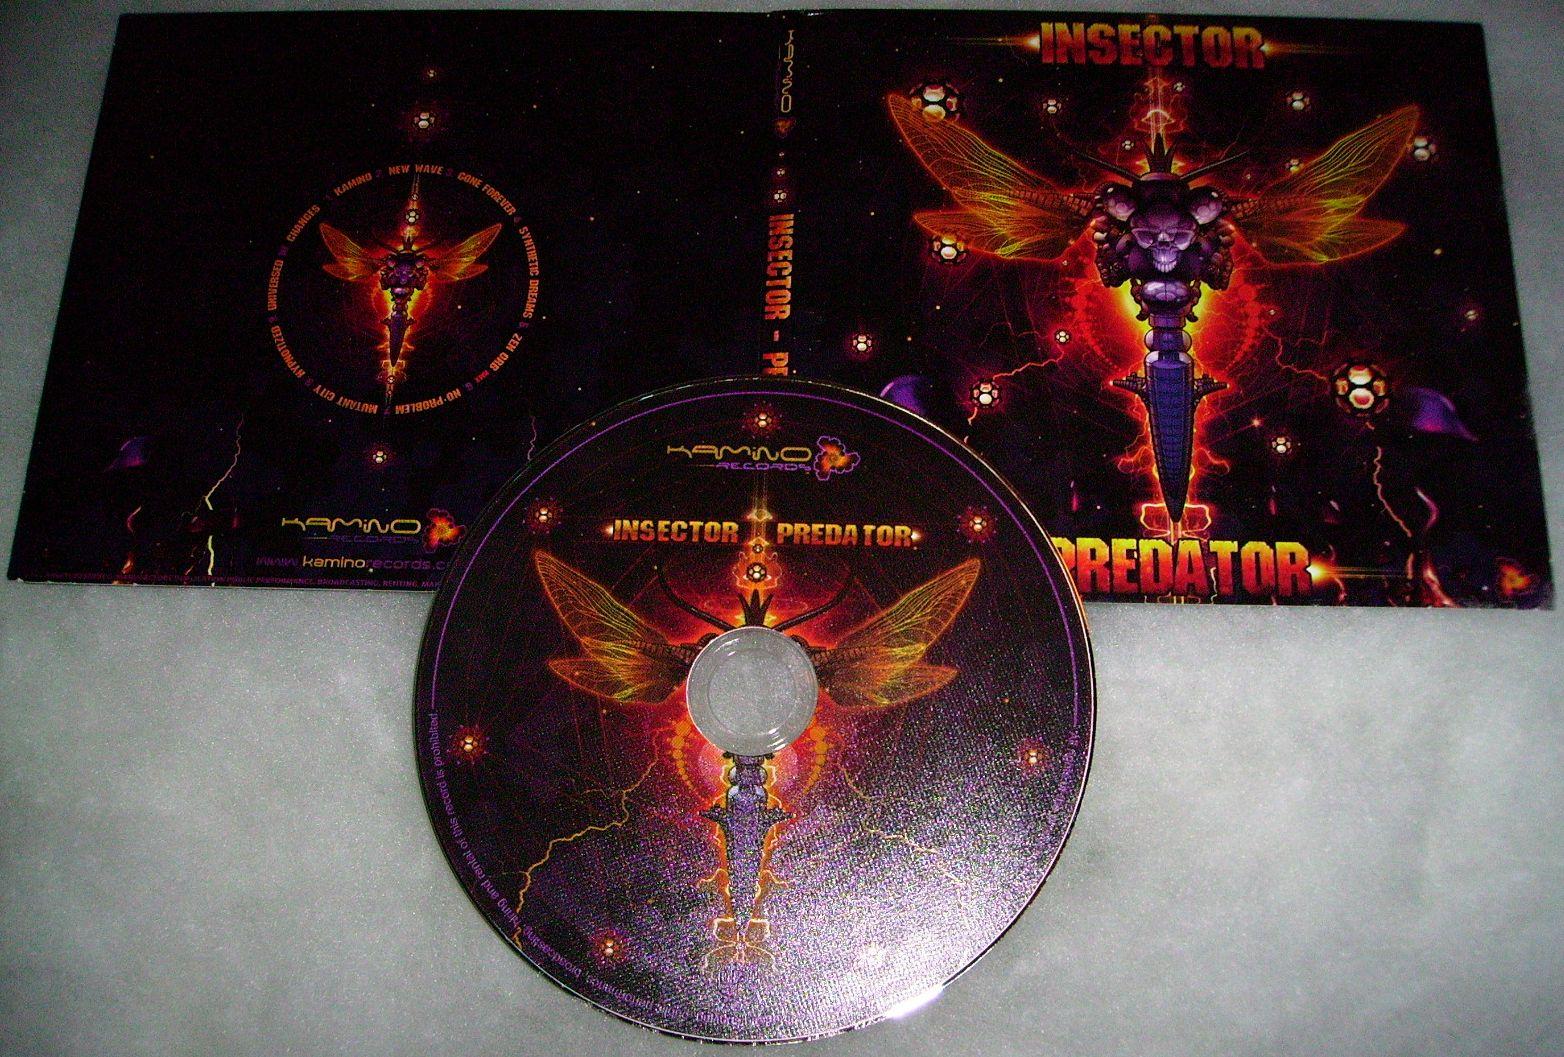 http://2.bp.blogspot.com/-w9BCccEmmGg/TuuZEEcoMsI/AAAAAAAAAc4/NiAJ-OruC-Q/s1600/00-insector_-_predator-2011-gem.jpg